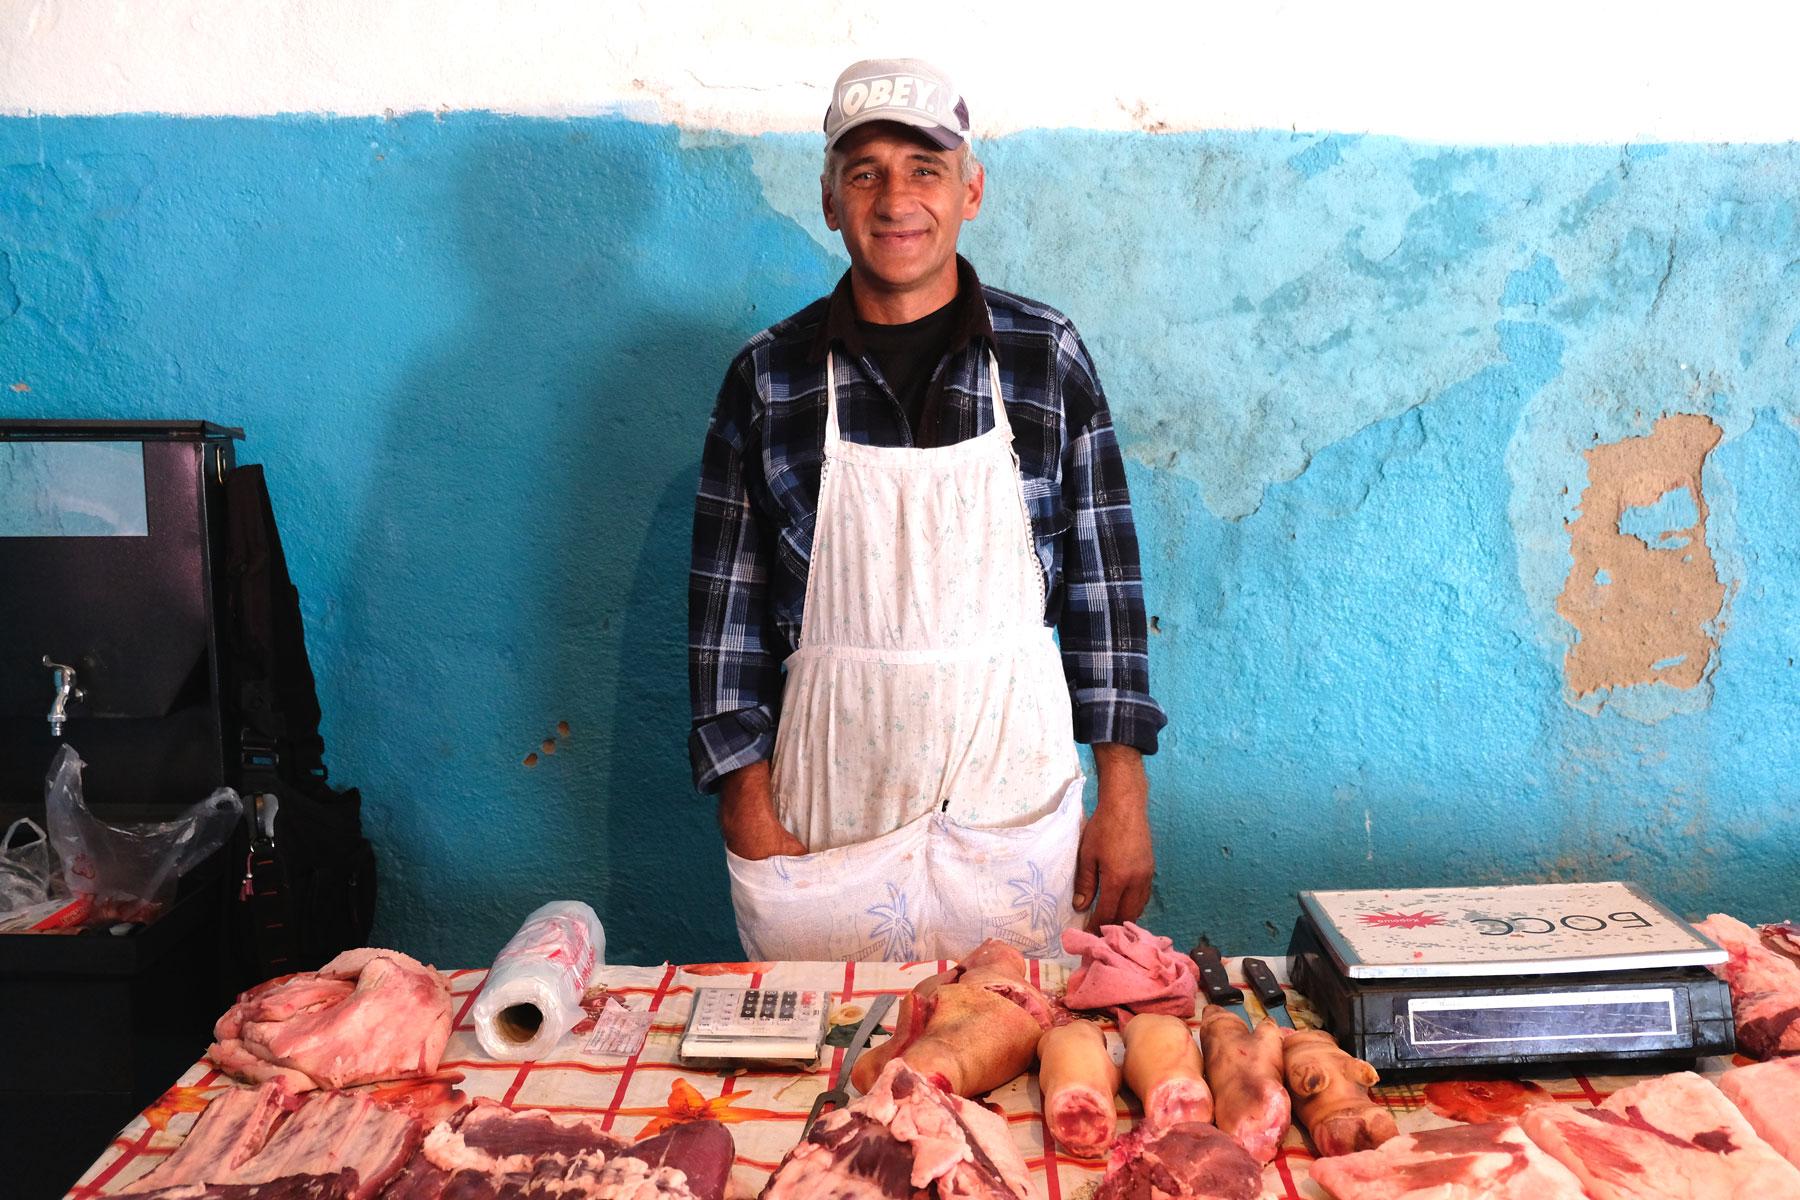 An einem Marktstand wird Fleisch verkauft.